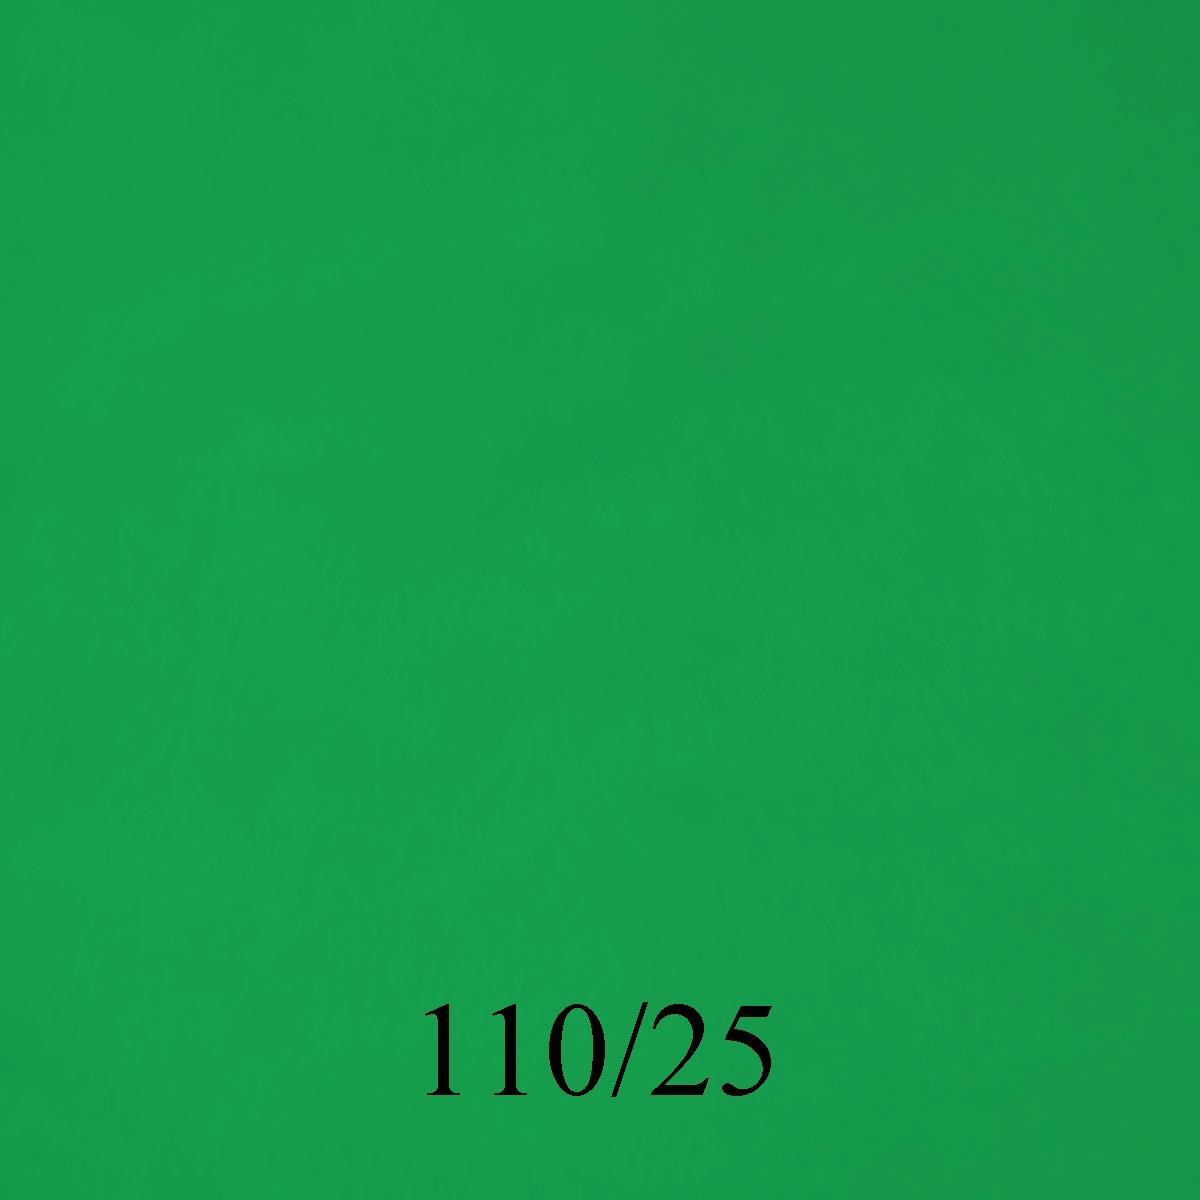 110-25 V. Billar